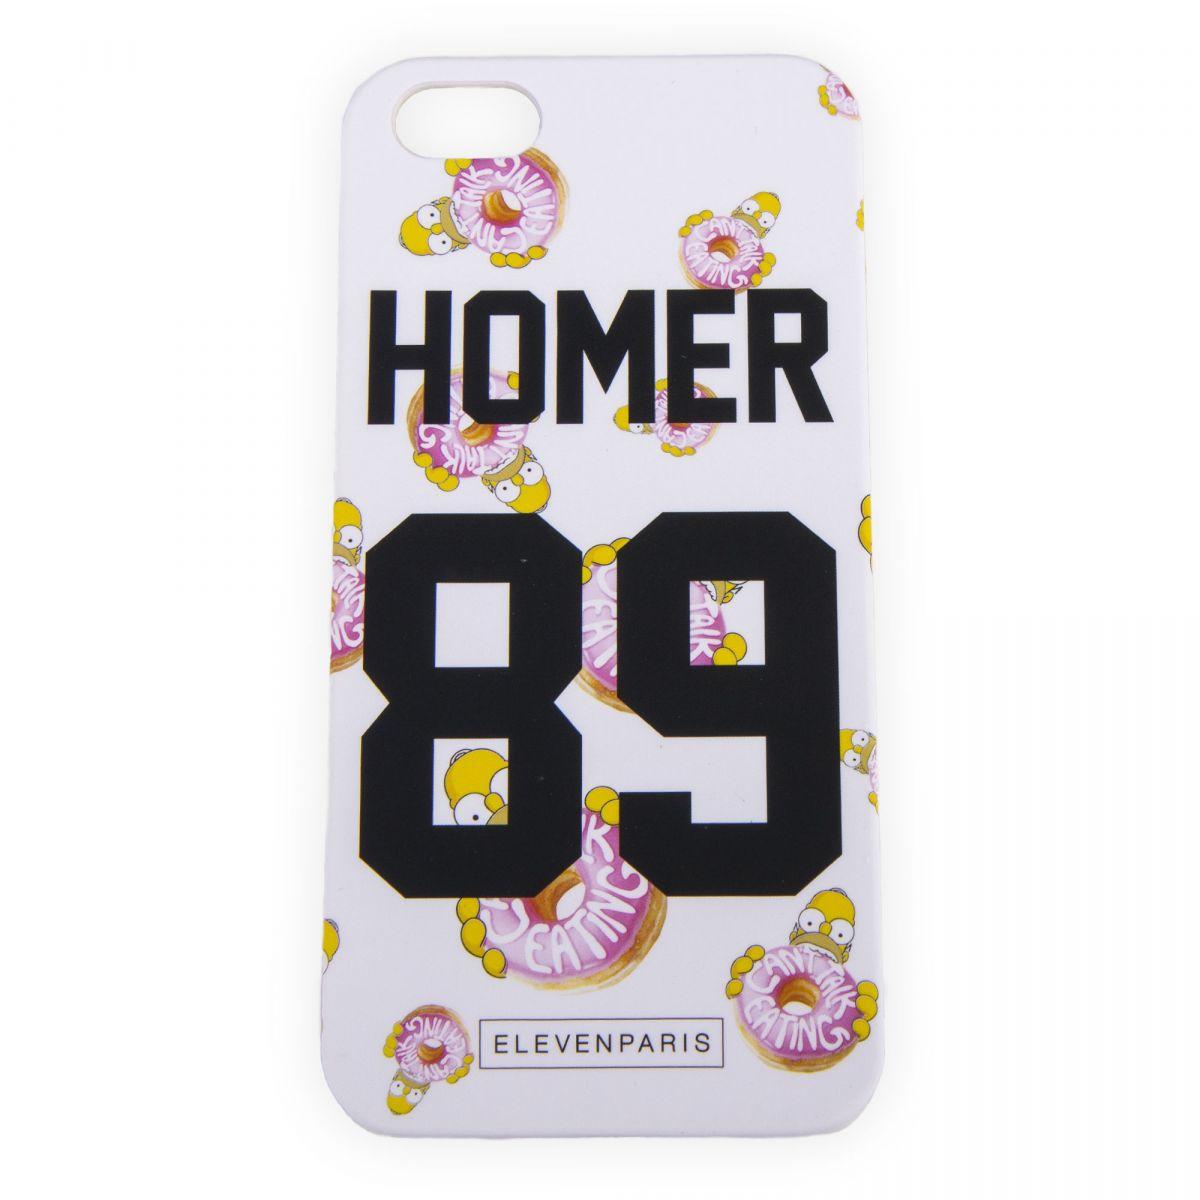 Coque iPhone 5/5s Homer Simpson ELEVEN PARIS à prix dégriffé !